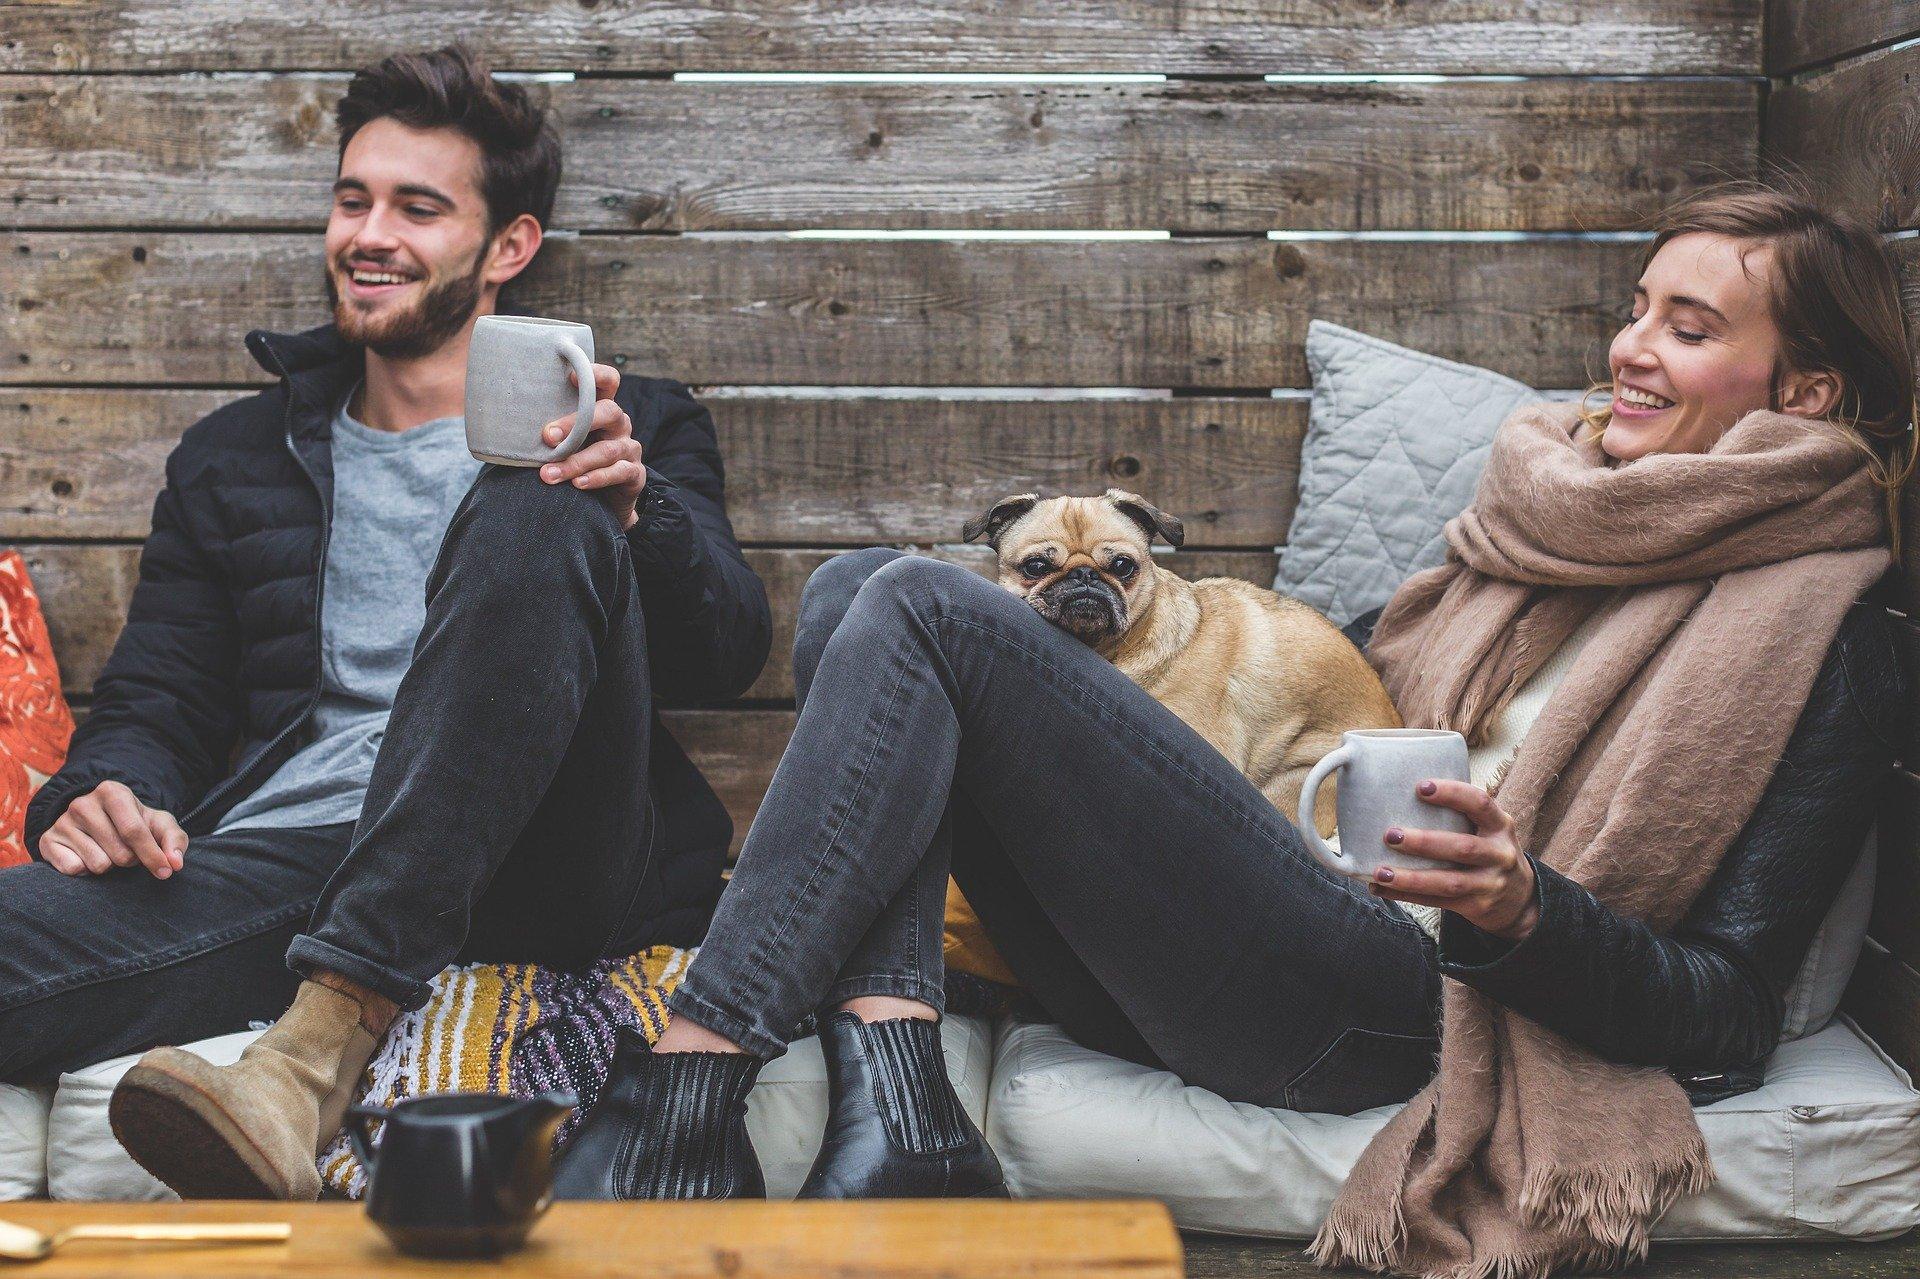 Un cuplu zâmbitor savurând câte o ceașcă de cafea